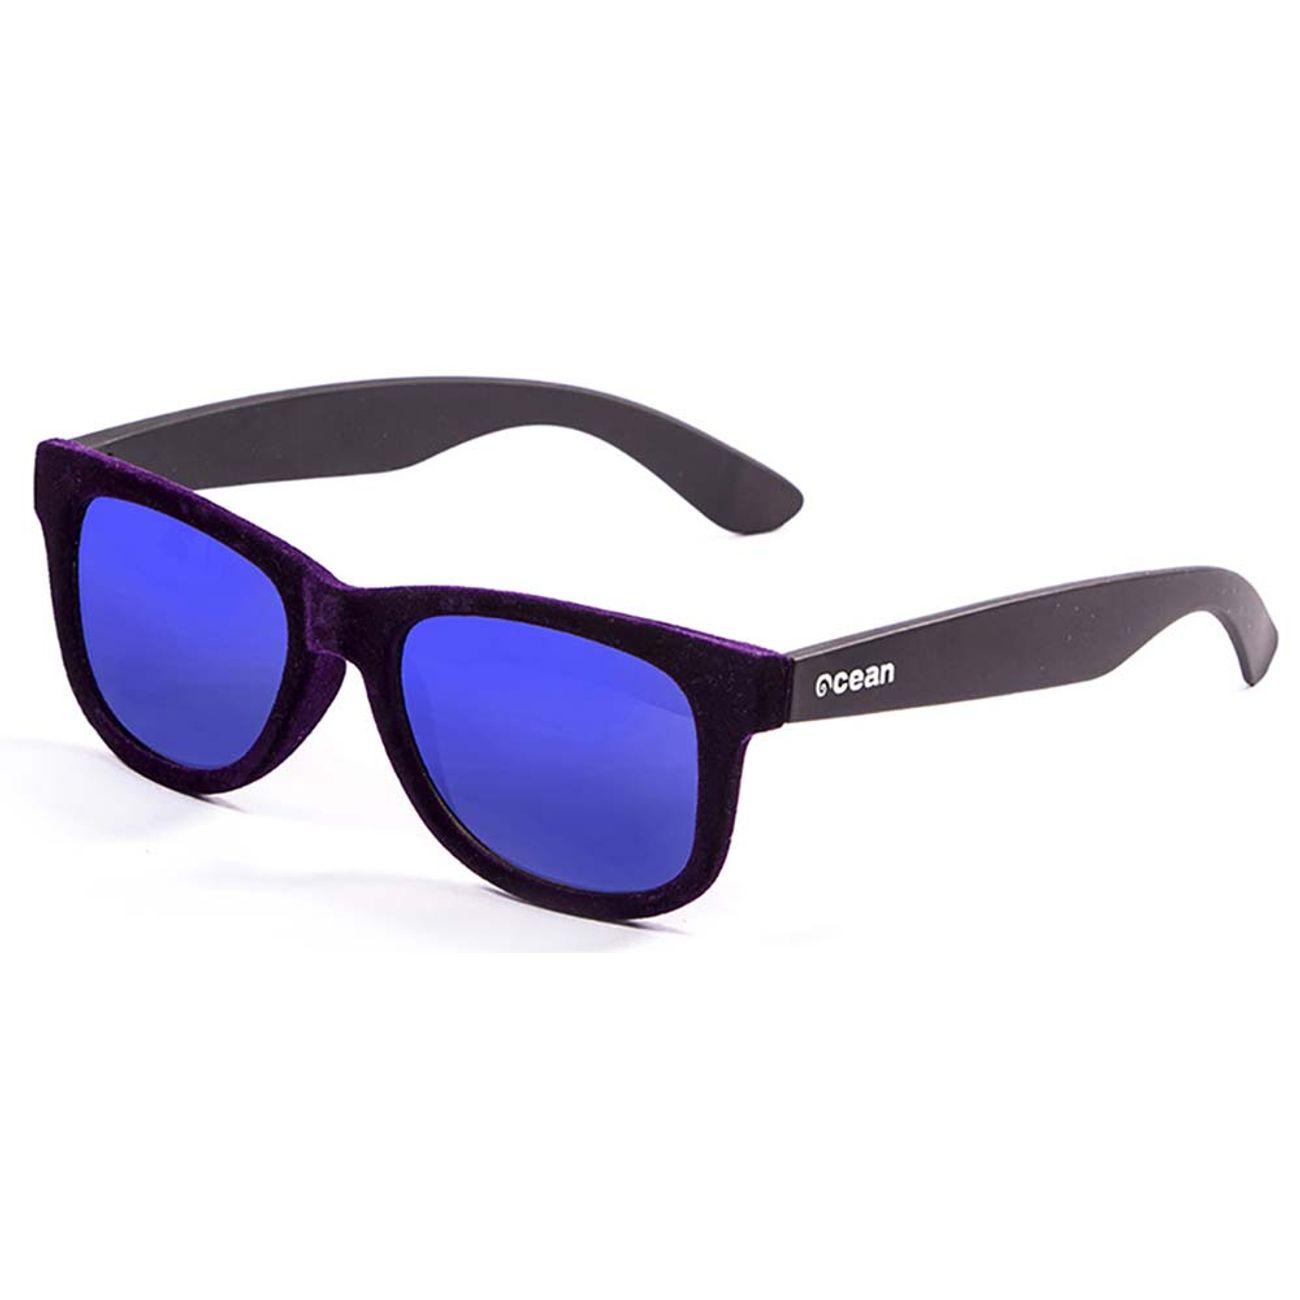 Ocean sunglasses beach velvet achat et prix pas cher go sport - Ocean sunglasses ...